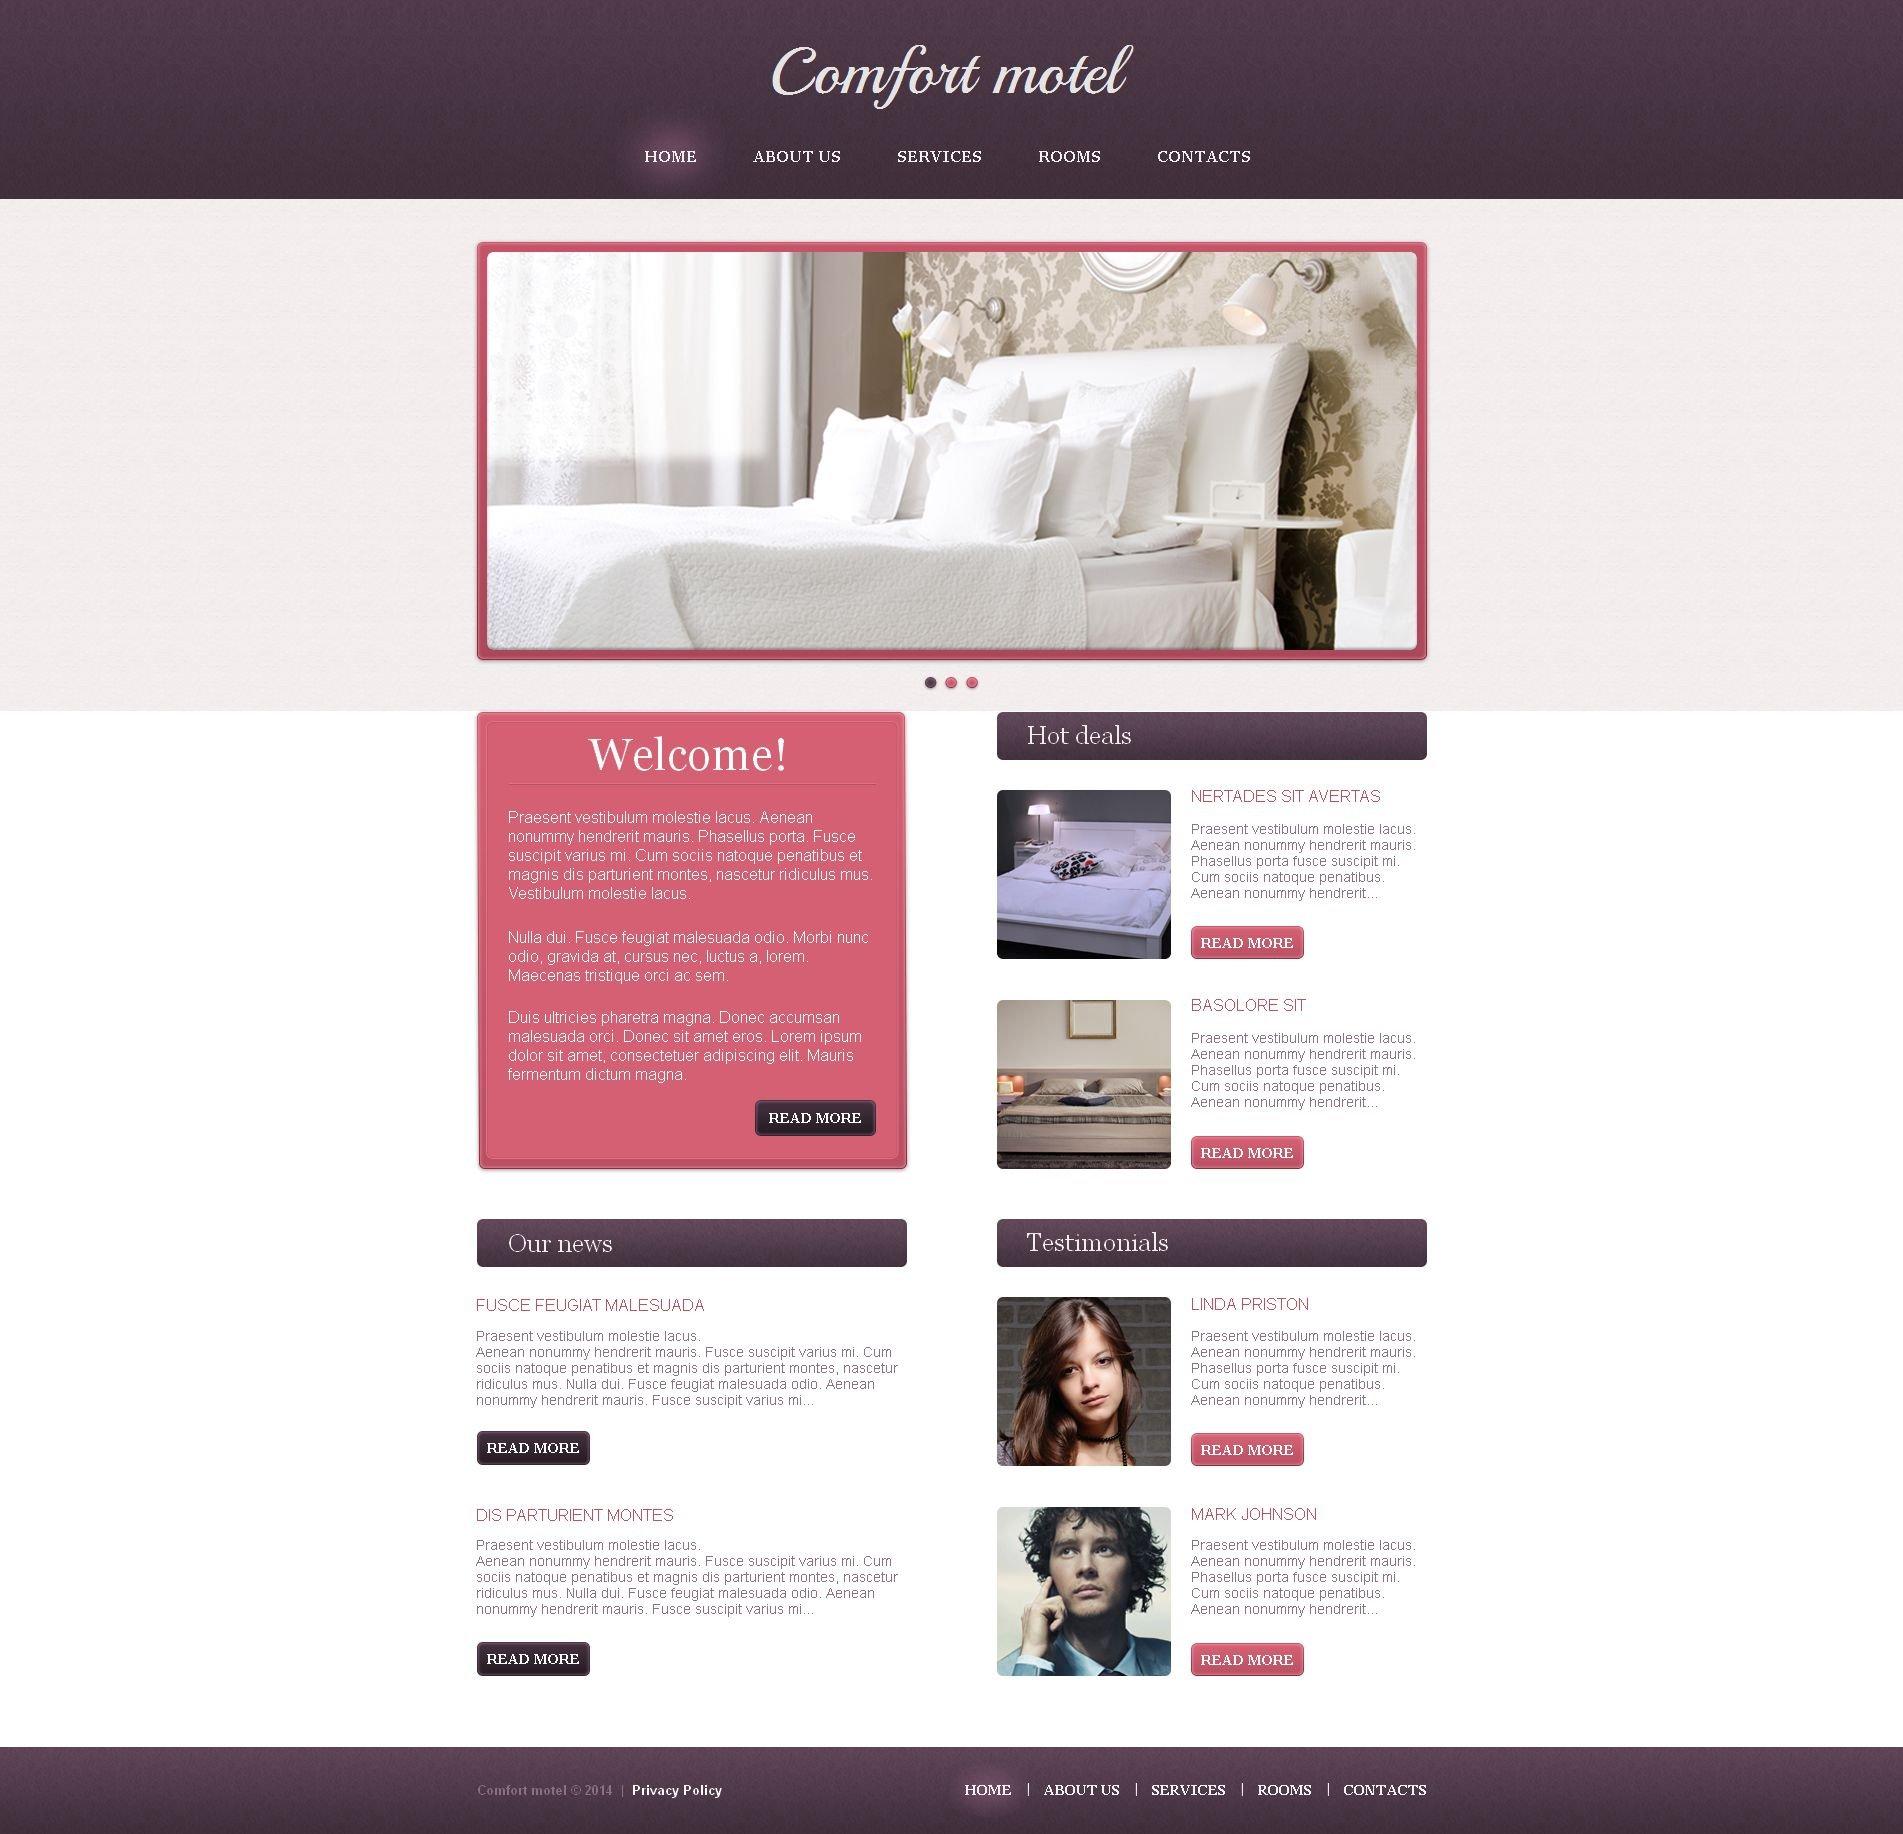 Modèle Moto CMS HTML Premium pour site de motel #49427